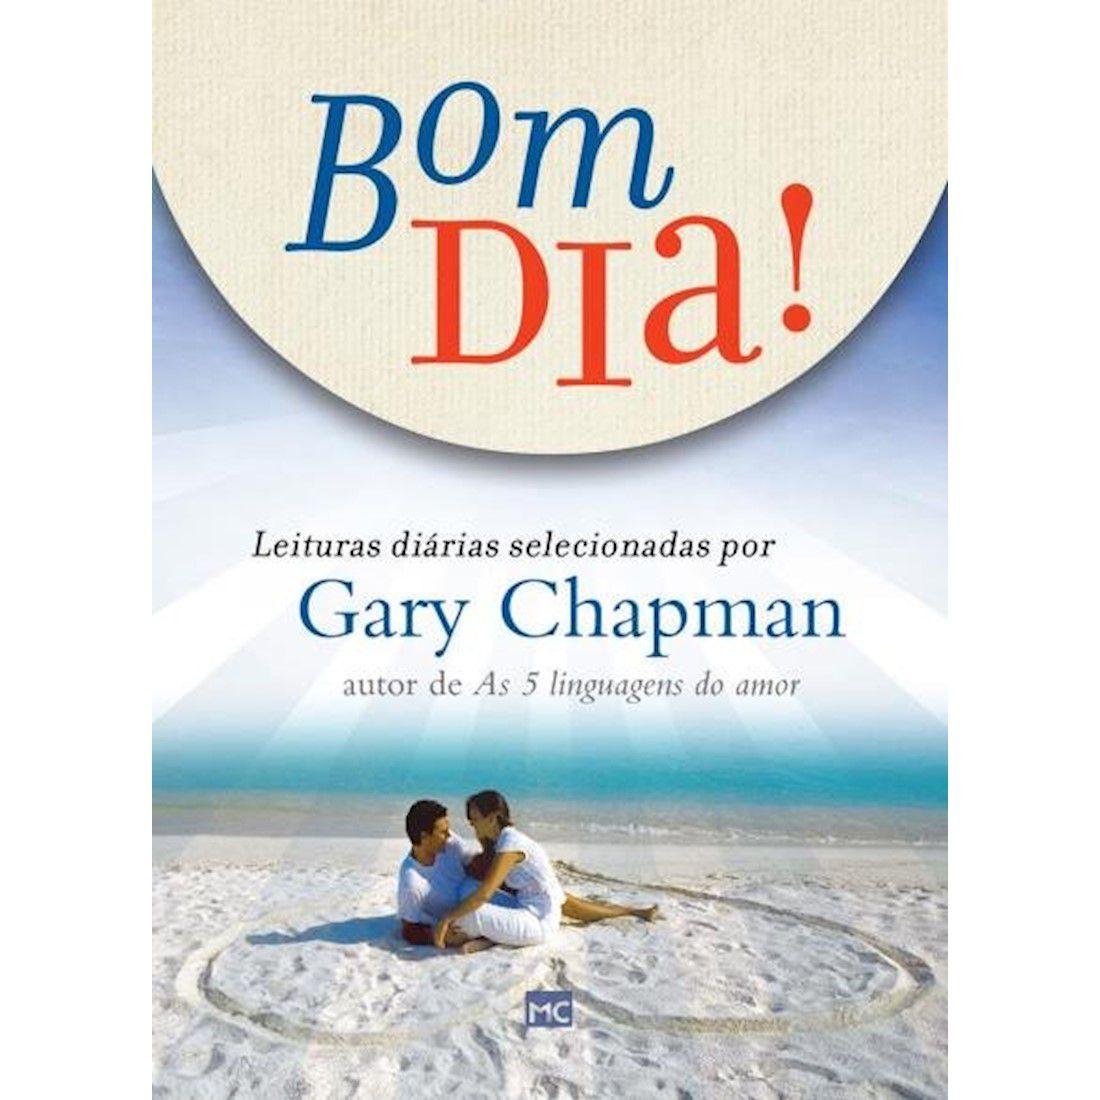 Livro Bom Dia! Leituras Diárias Selecionadas Por Gary Chapman